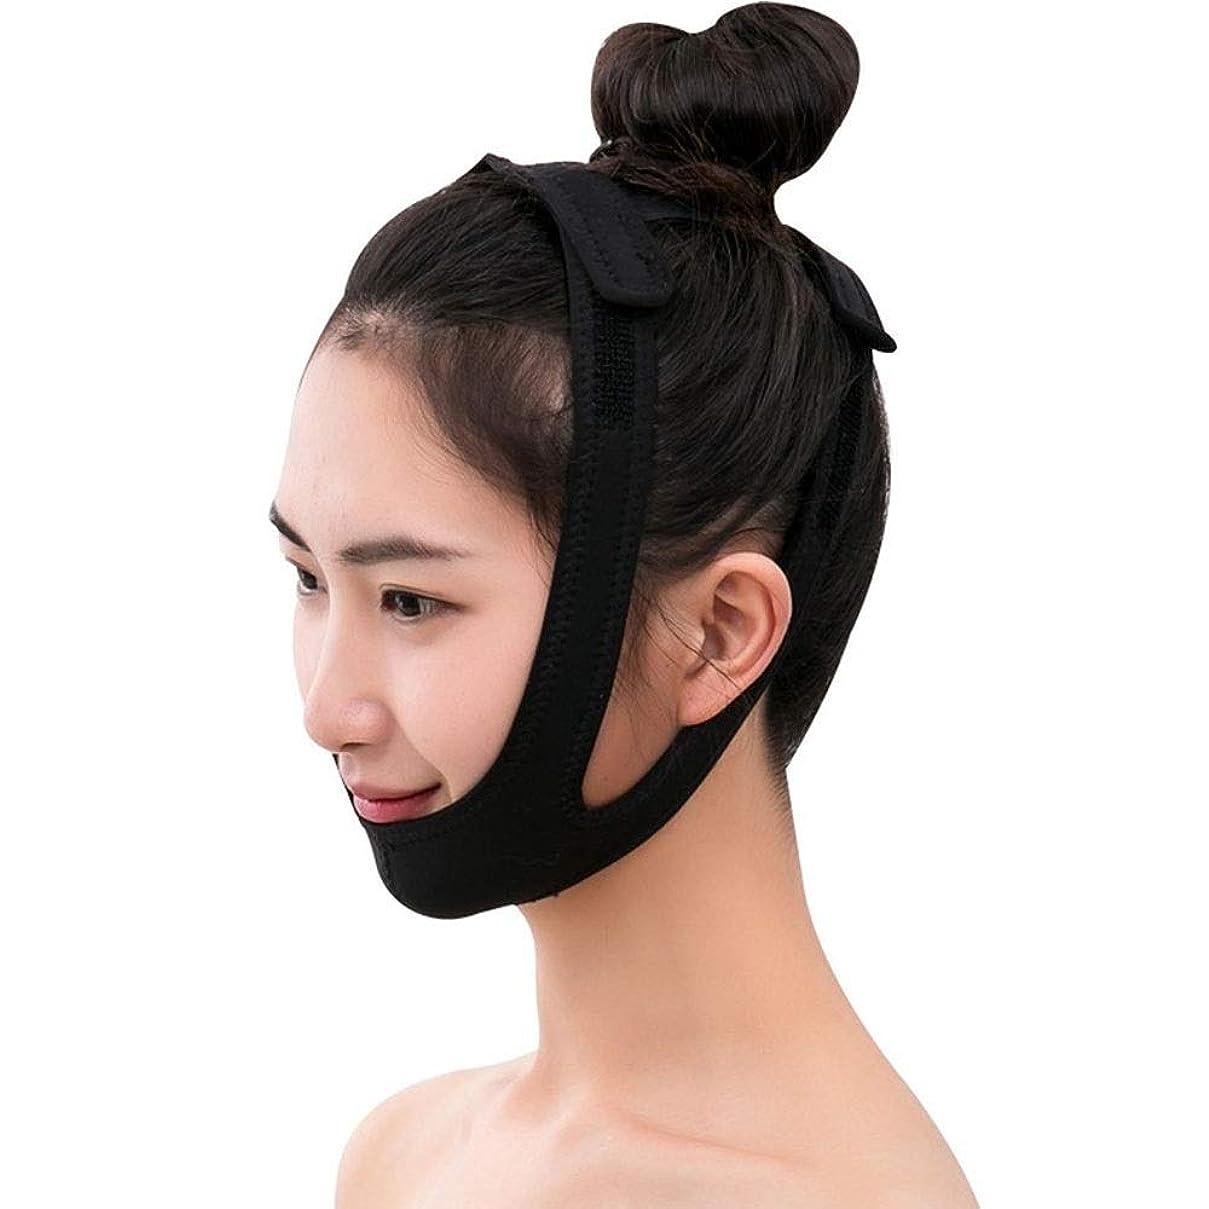 ずらす苛性精神的にJia Jia- 強力なフェイスリフトアーチファクト術後回復ライン彫刻フェイシャルリフト睡眠リフティングフェイス引き締めVフェイス包帯 - 黒 顔面包帯